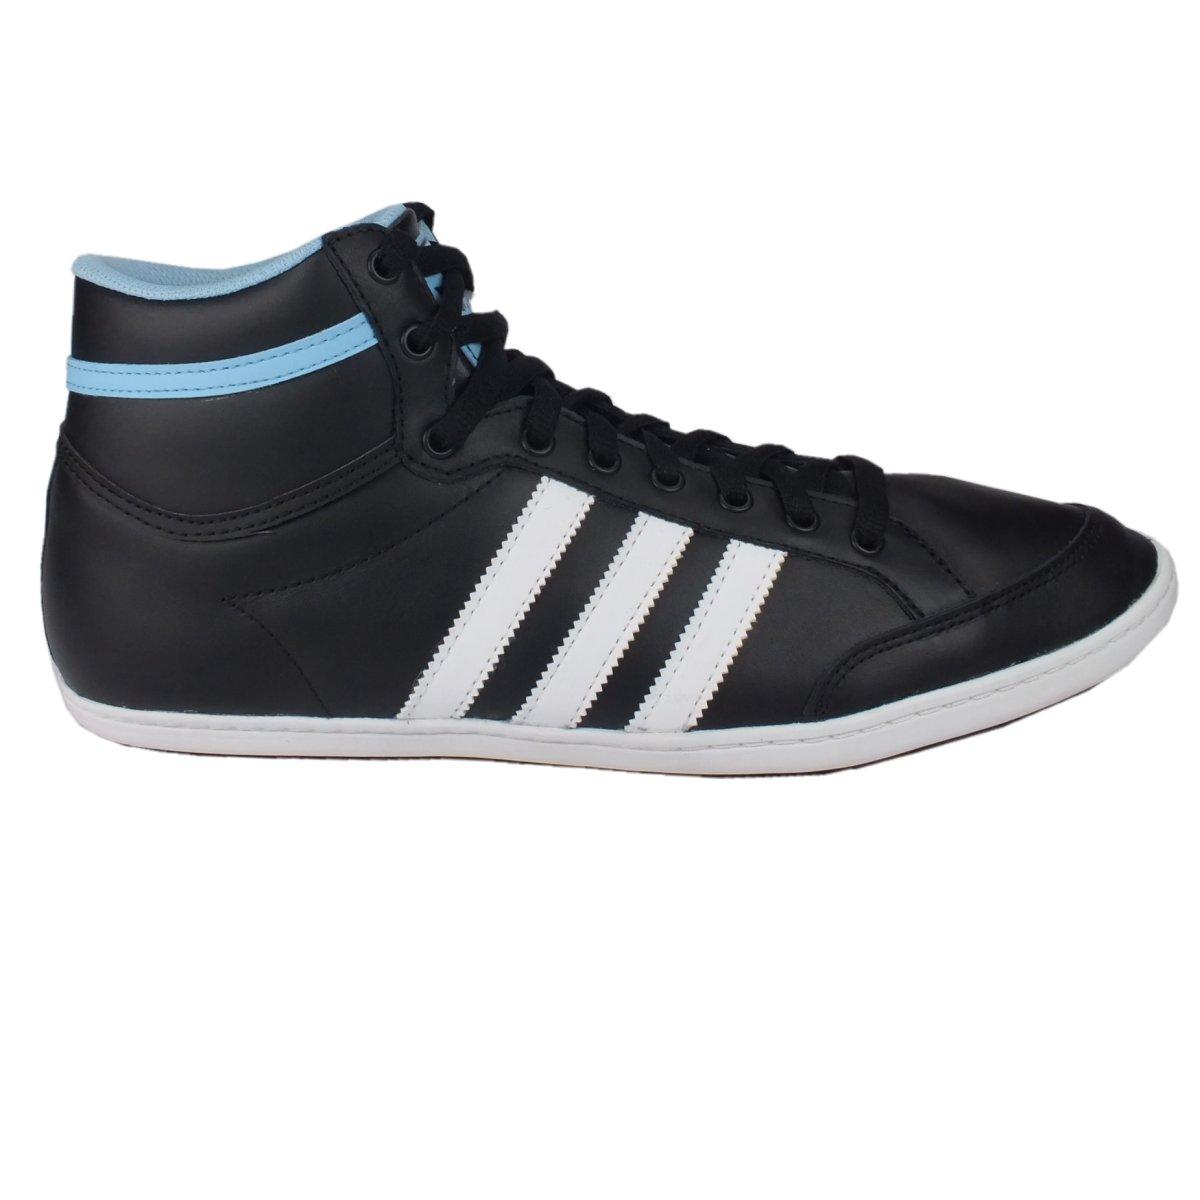 adidas originals plimcana mid herren schuhe sneaker mid